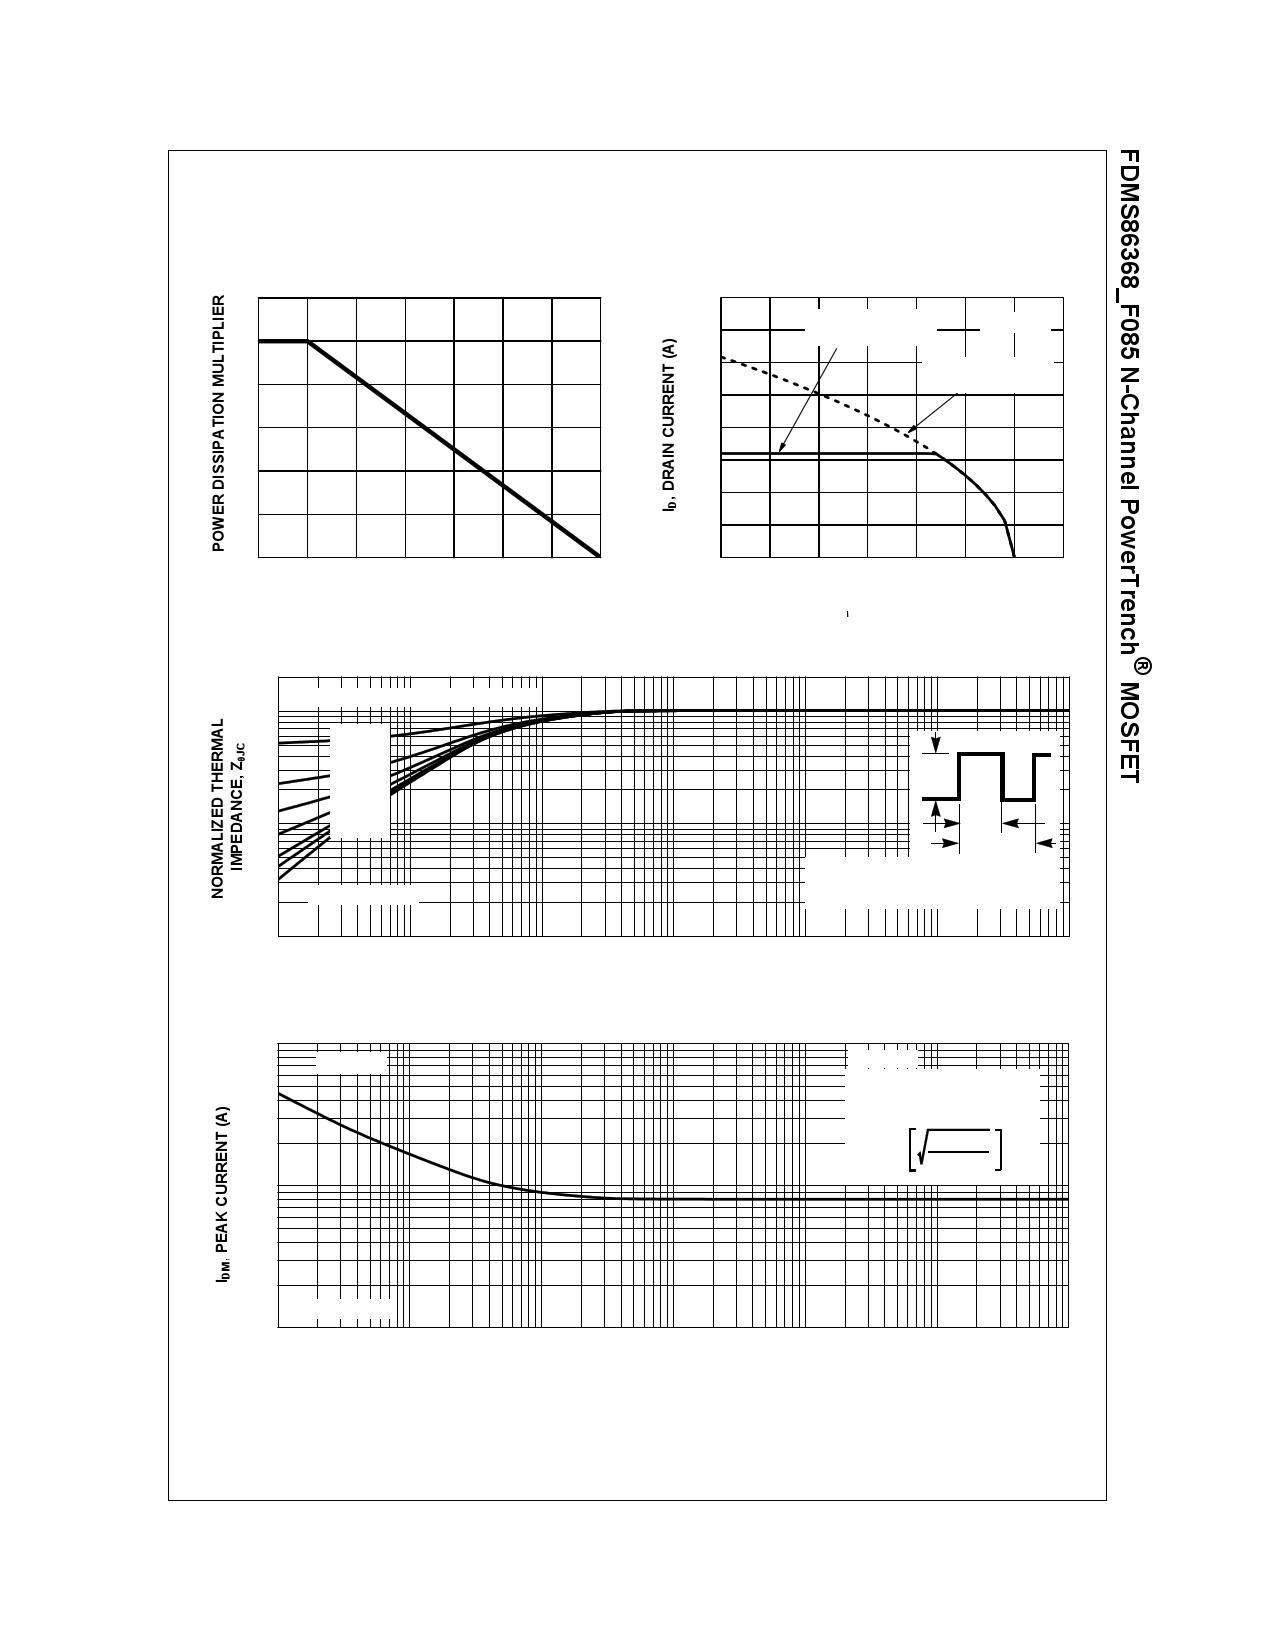 FDMS86368 pdf, ピン配列